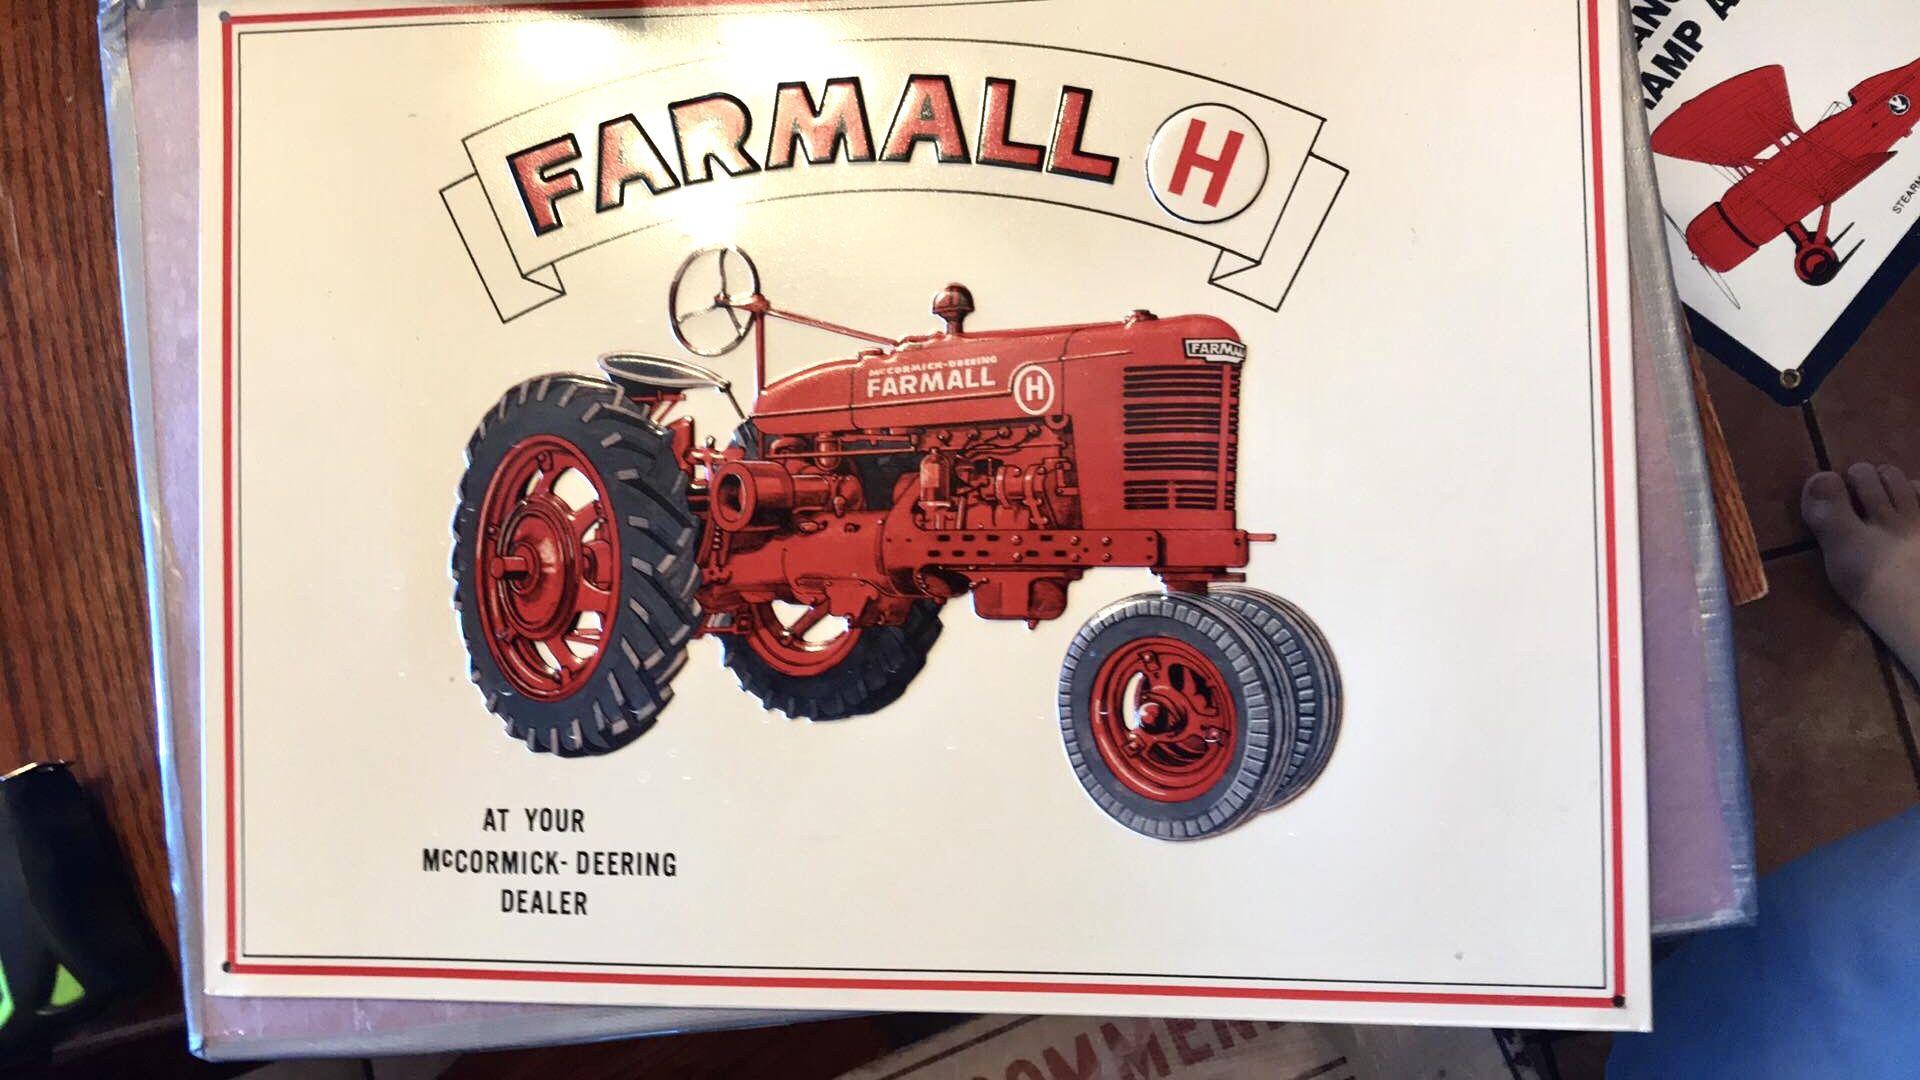 Farmall 🚜 Tractor